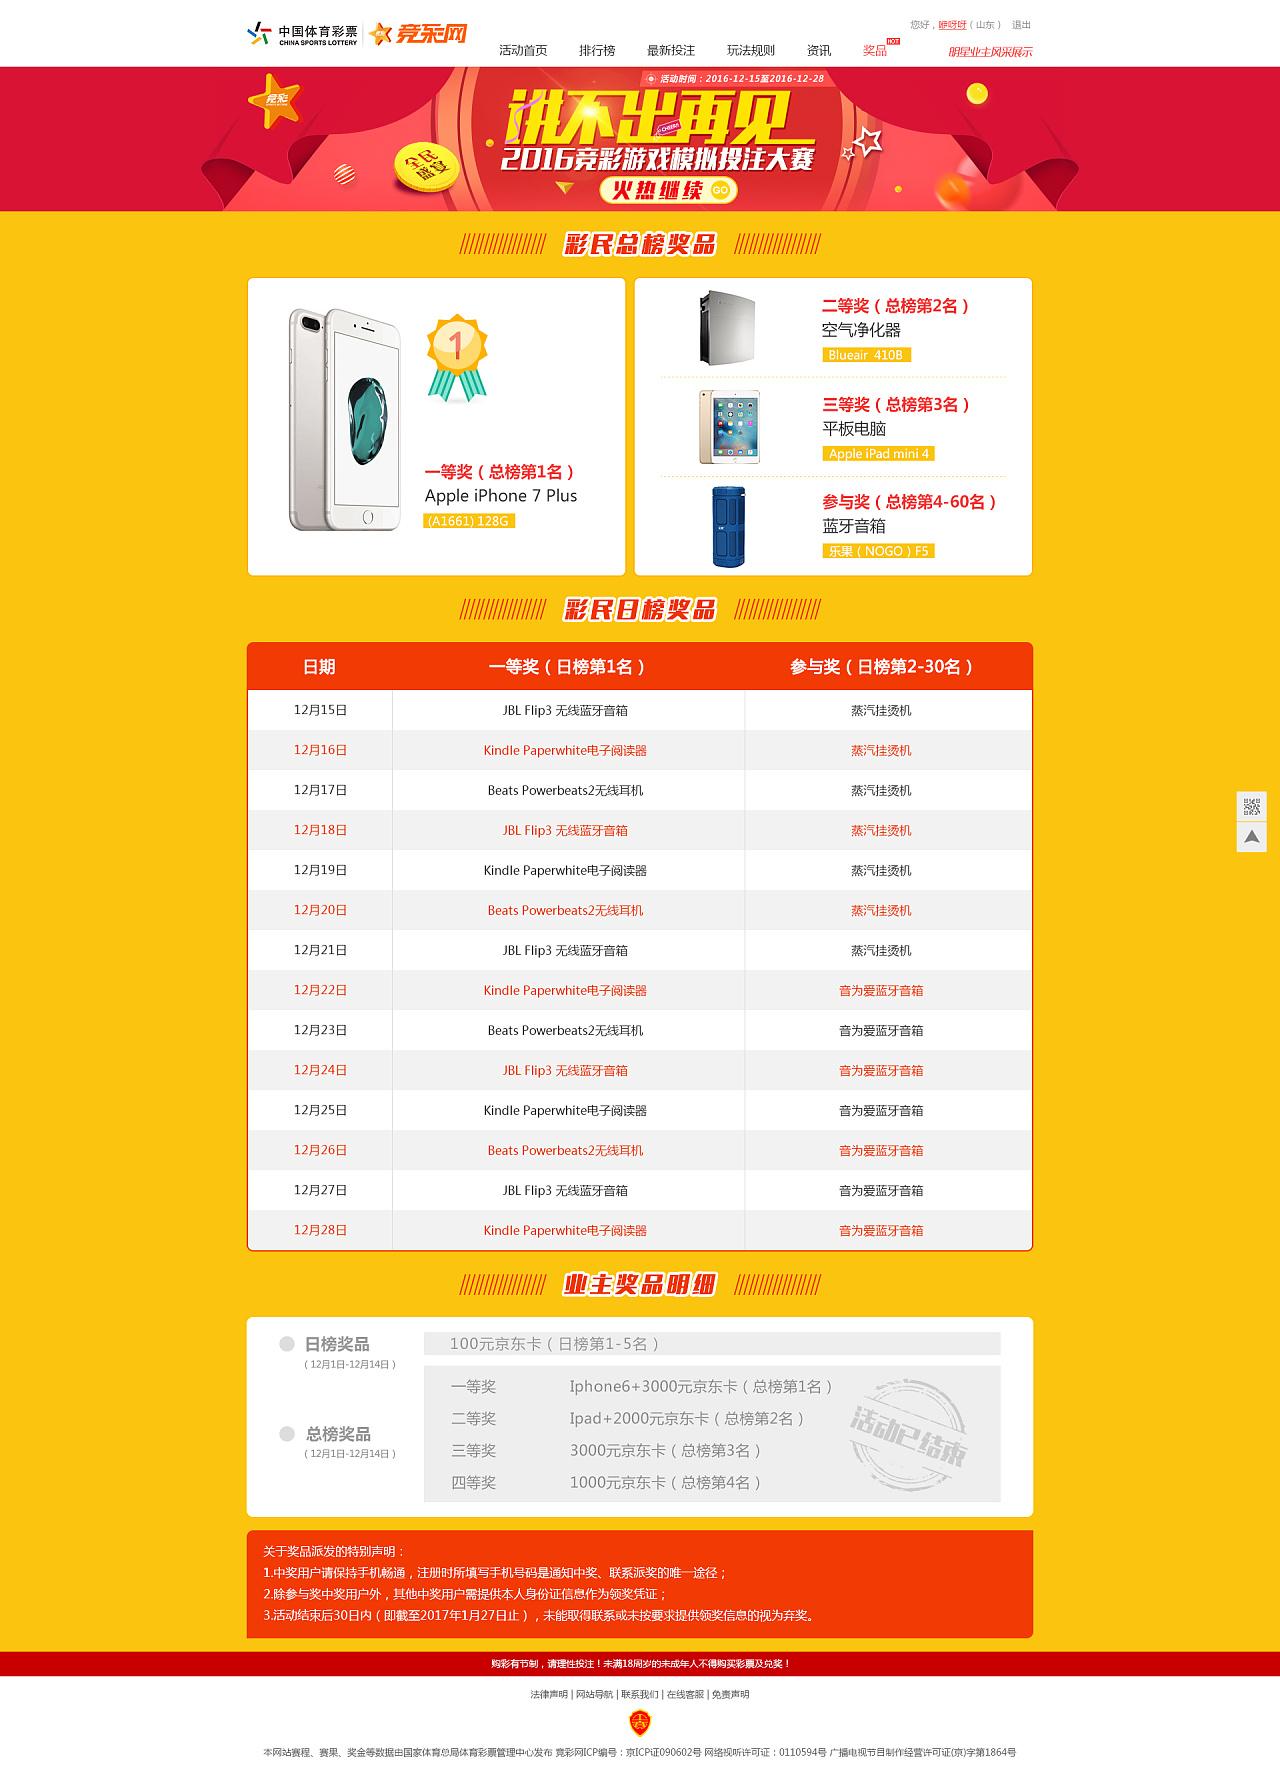 2016竞彩2期部分网页设计页面及app界面